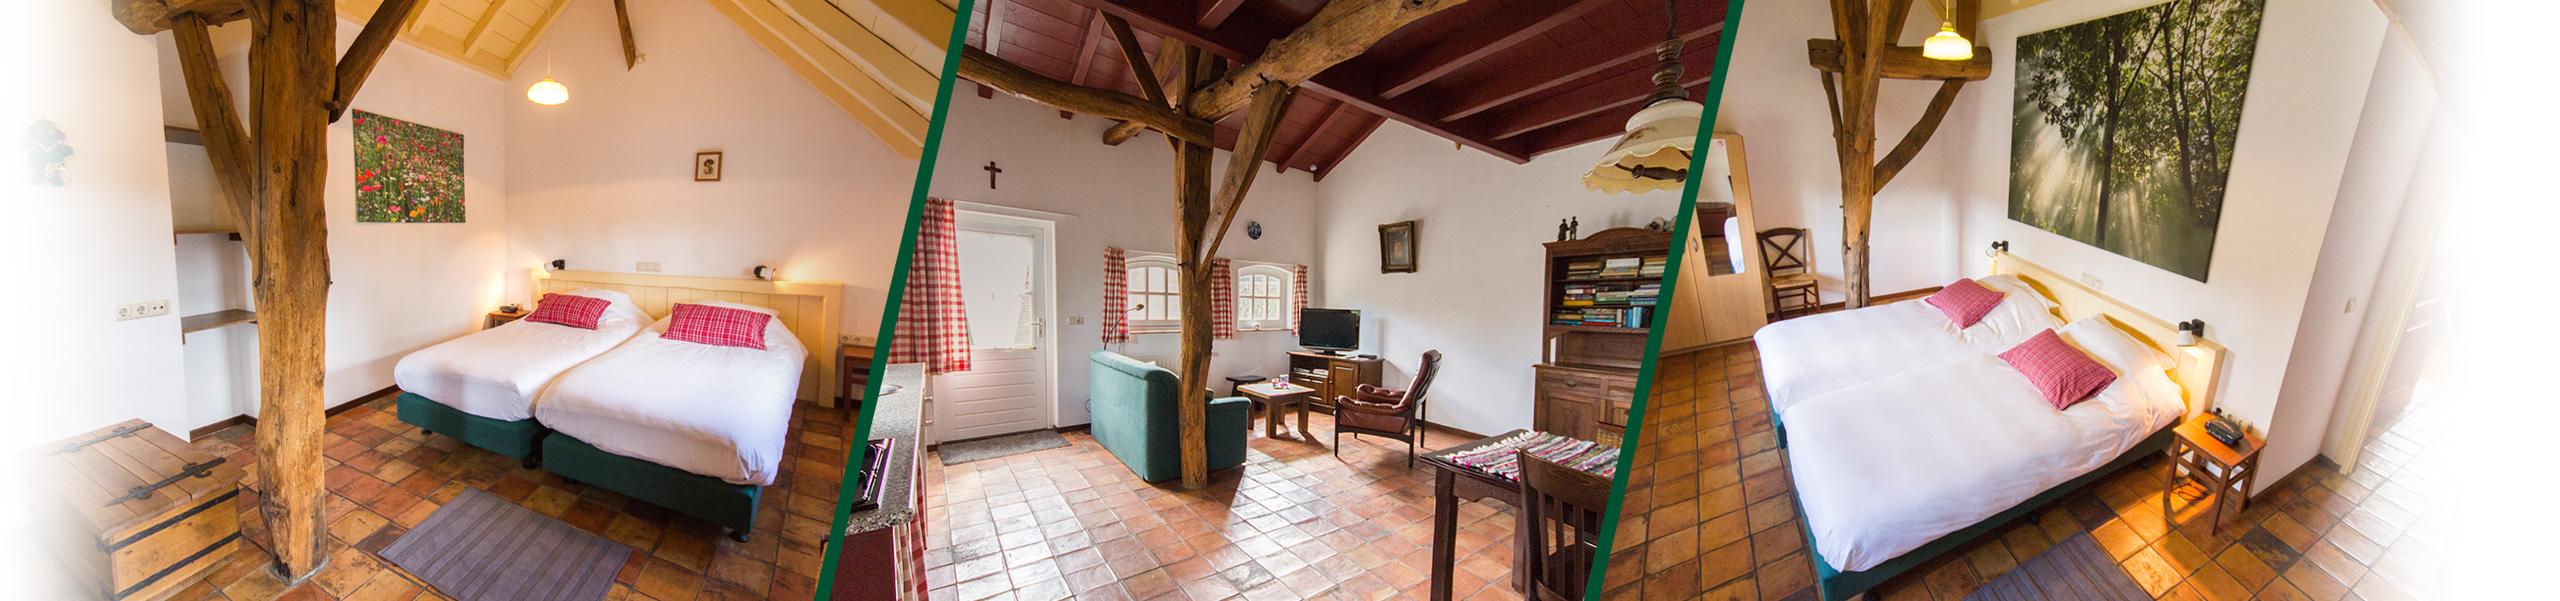 Home weidonkweidonk hotel weidonk twee kamers op luxe basis met een ontbijt - Hoe aparte een kamer in twee ...